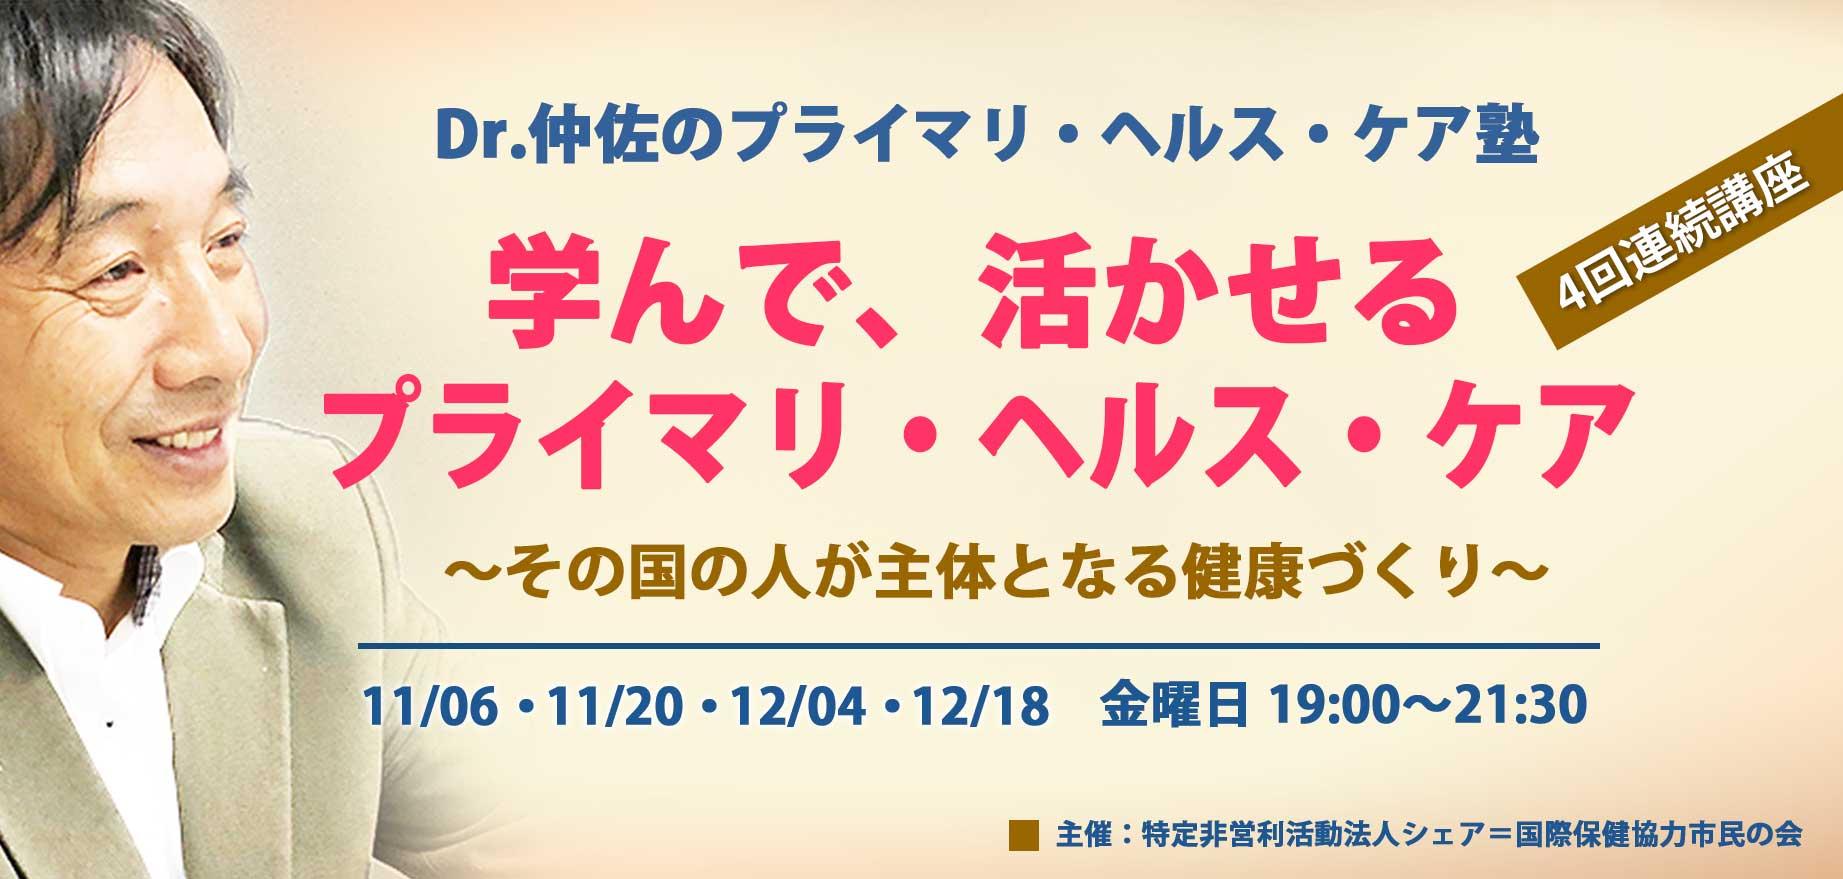 nakasa_phc4.jpg